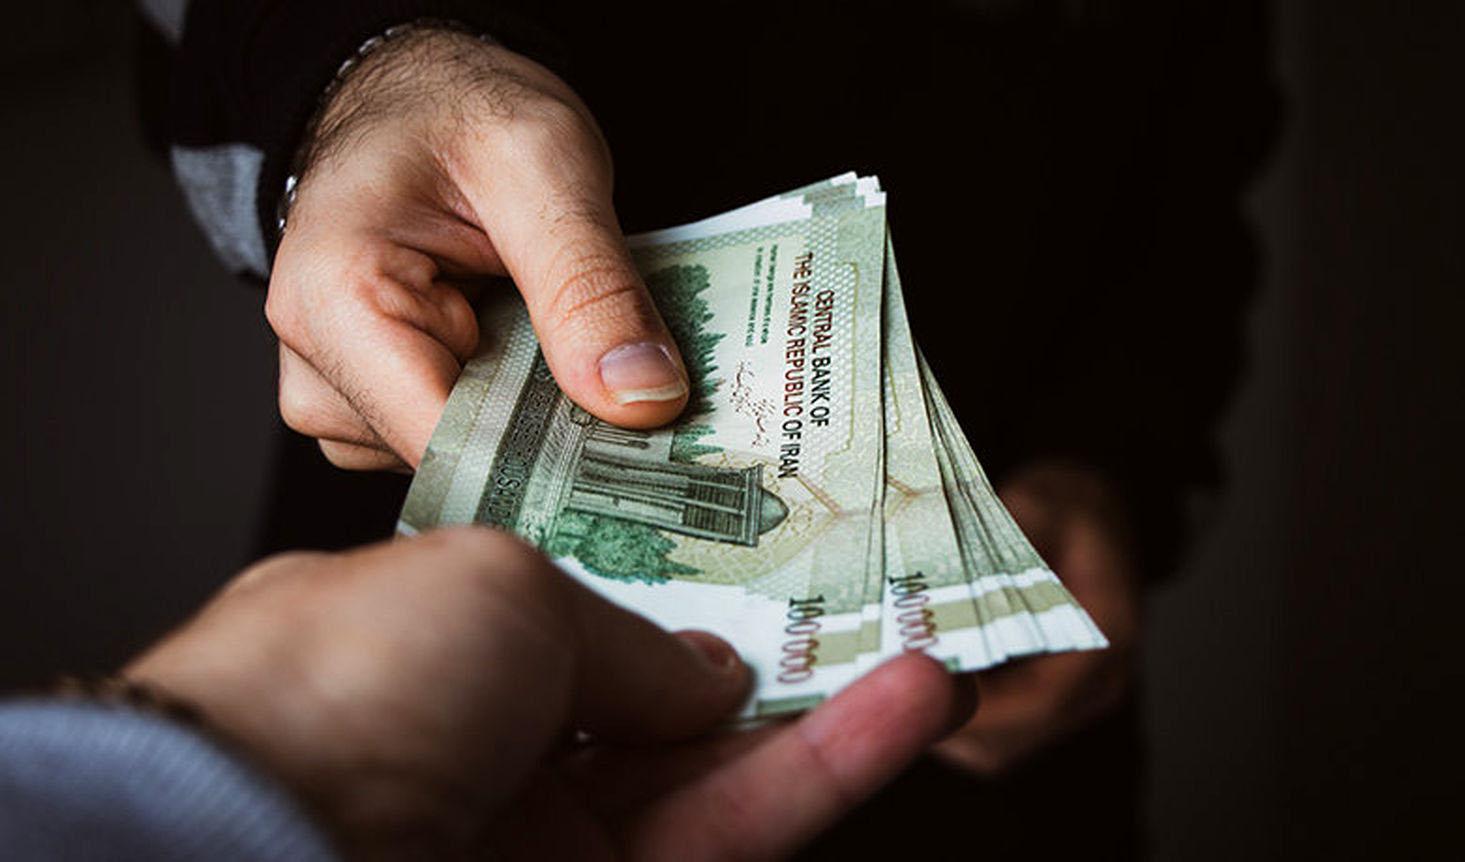 حقوق چه کسانی افزایش یافته است؟